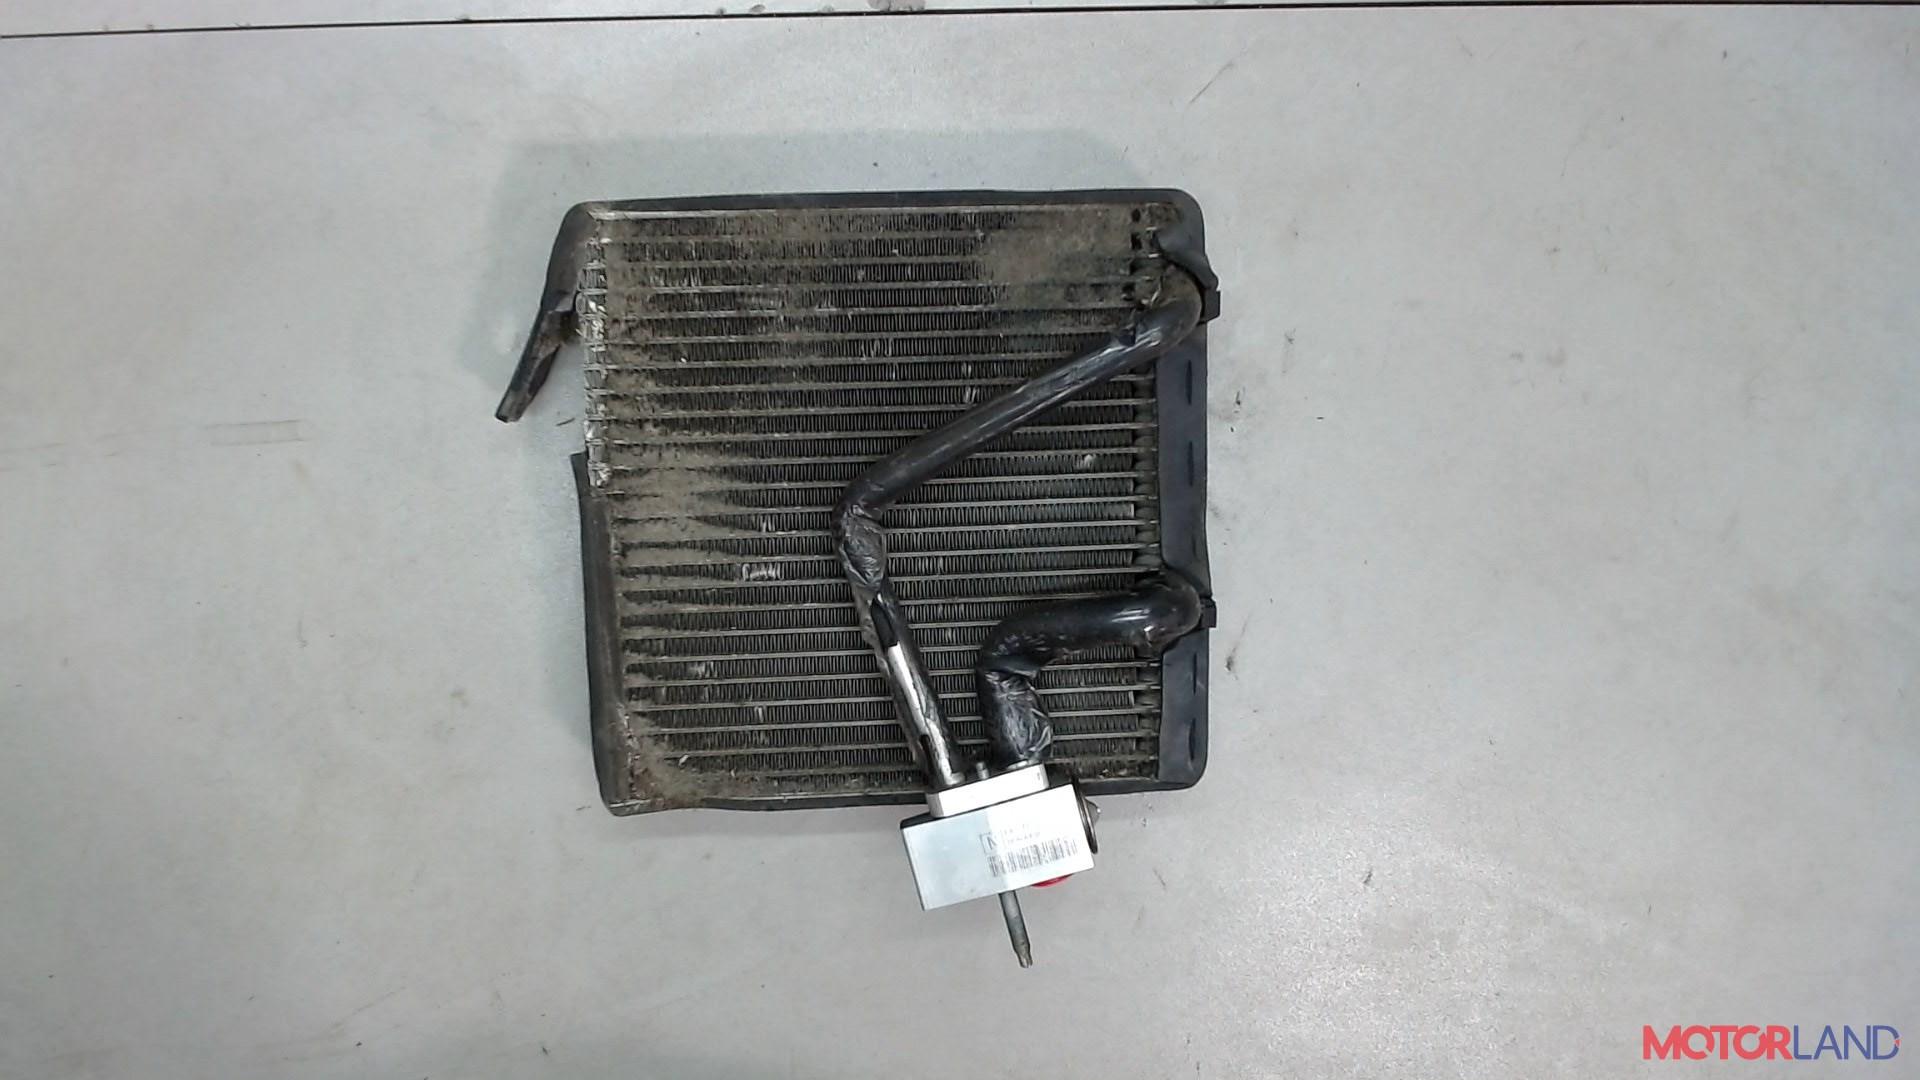 Радиатор кондиционера салона Mazda Tribute 2008- 2.3 л. 2008 L3 б/у #1